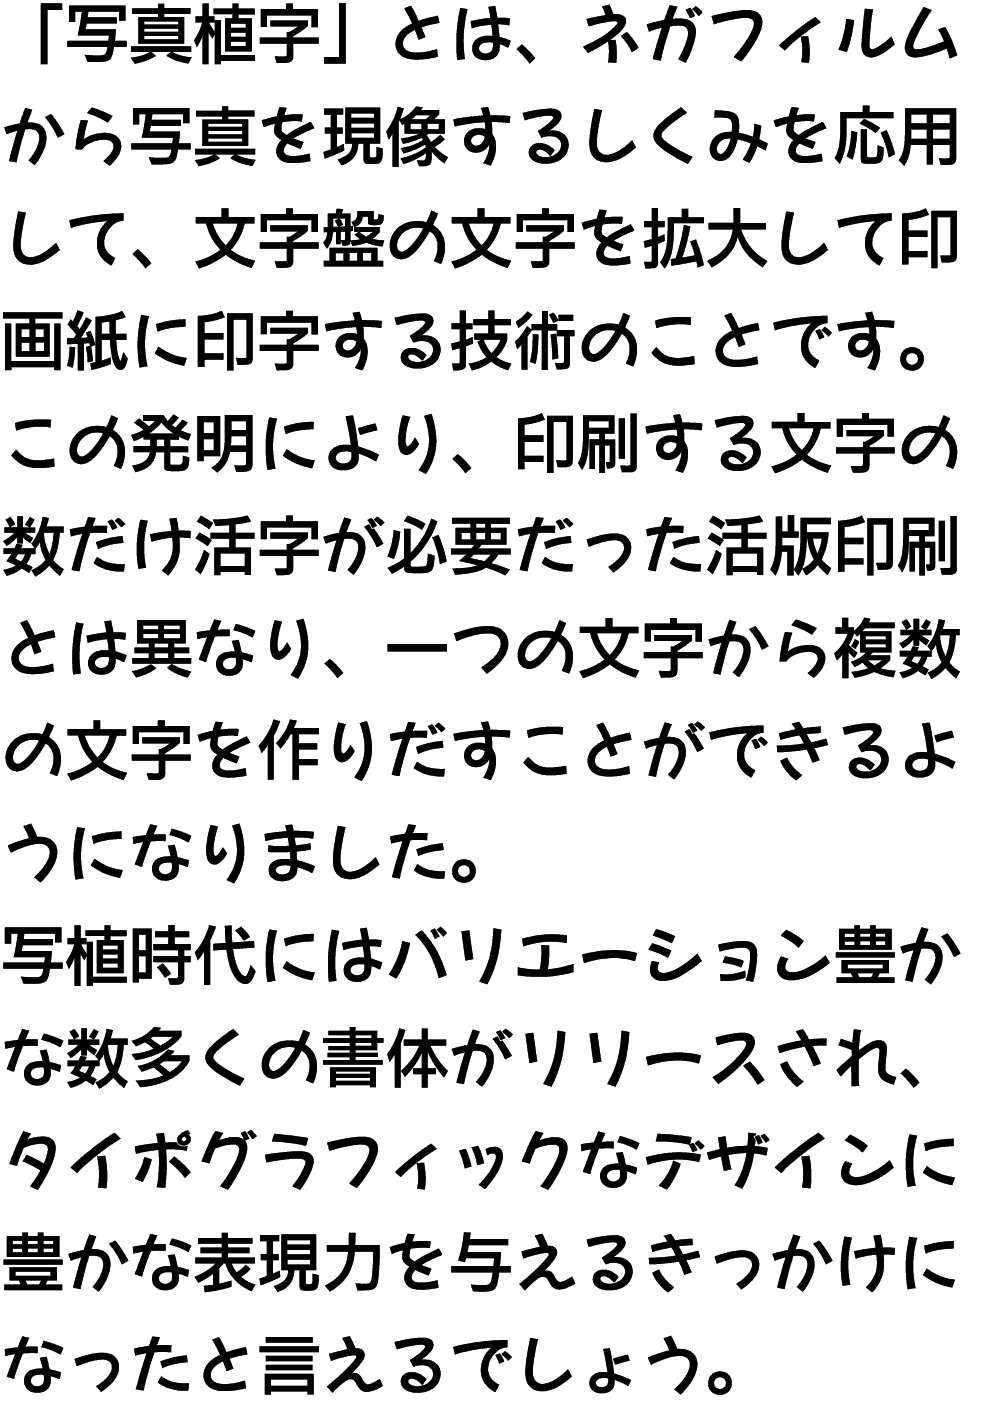 ゴカール DB(かな) DBGC 横組見本